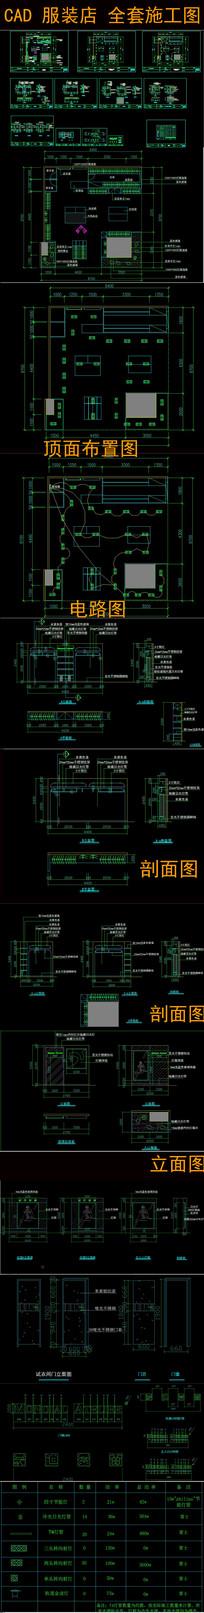 CAD服装店整套施工图节点